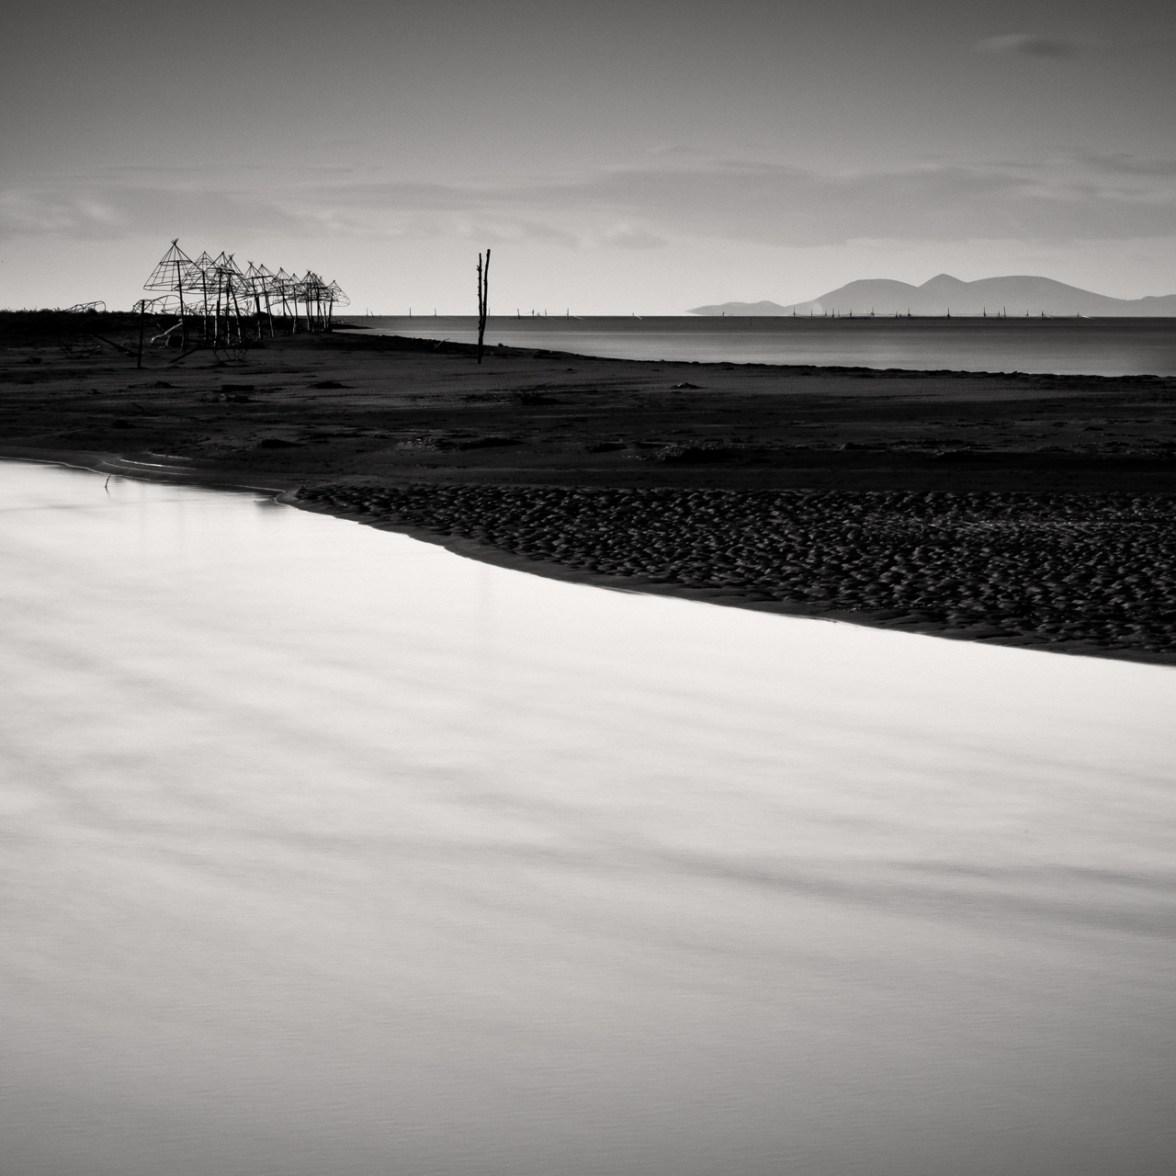 Isthmus,2012, © Frang Dushaj